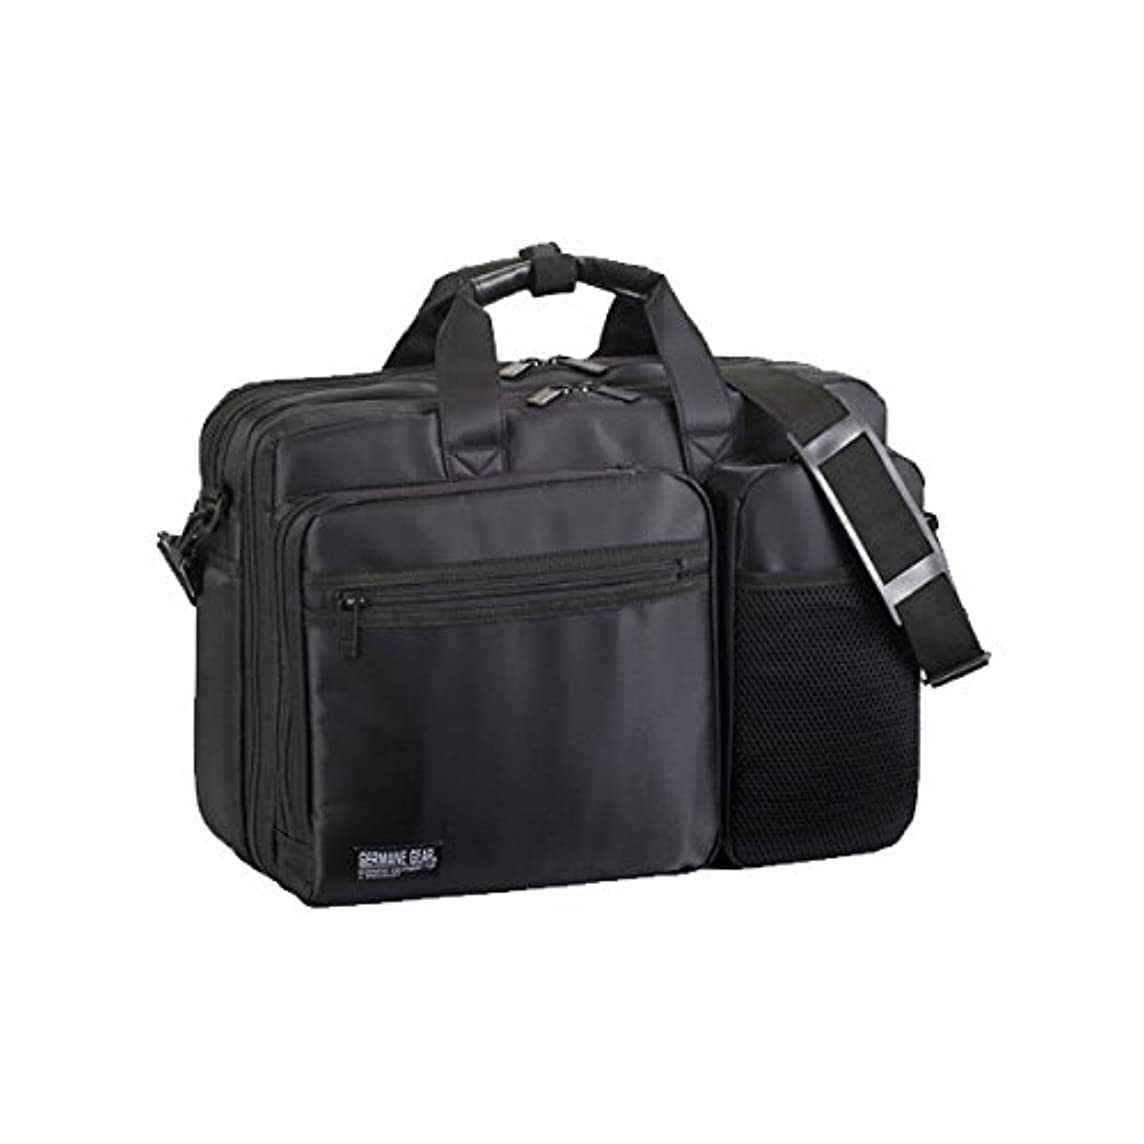 ハーネス公滝ジャーメインギア ビジネスバッグ ブリーフケース メンズ 26470 ブラック バッグ ビジネスバッグ mirai1-519713-ak [並行輸入品] [簡易パッケージ品]